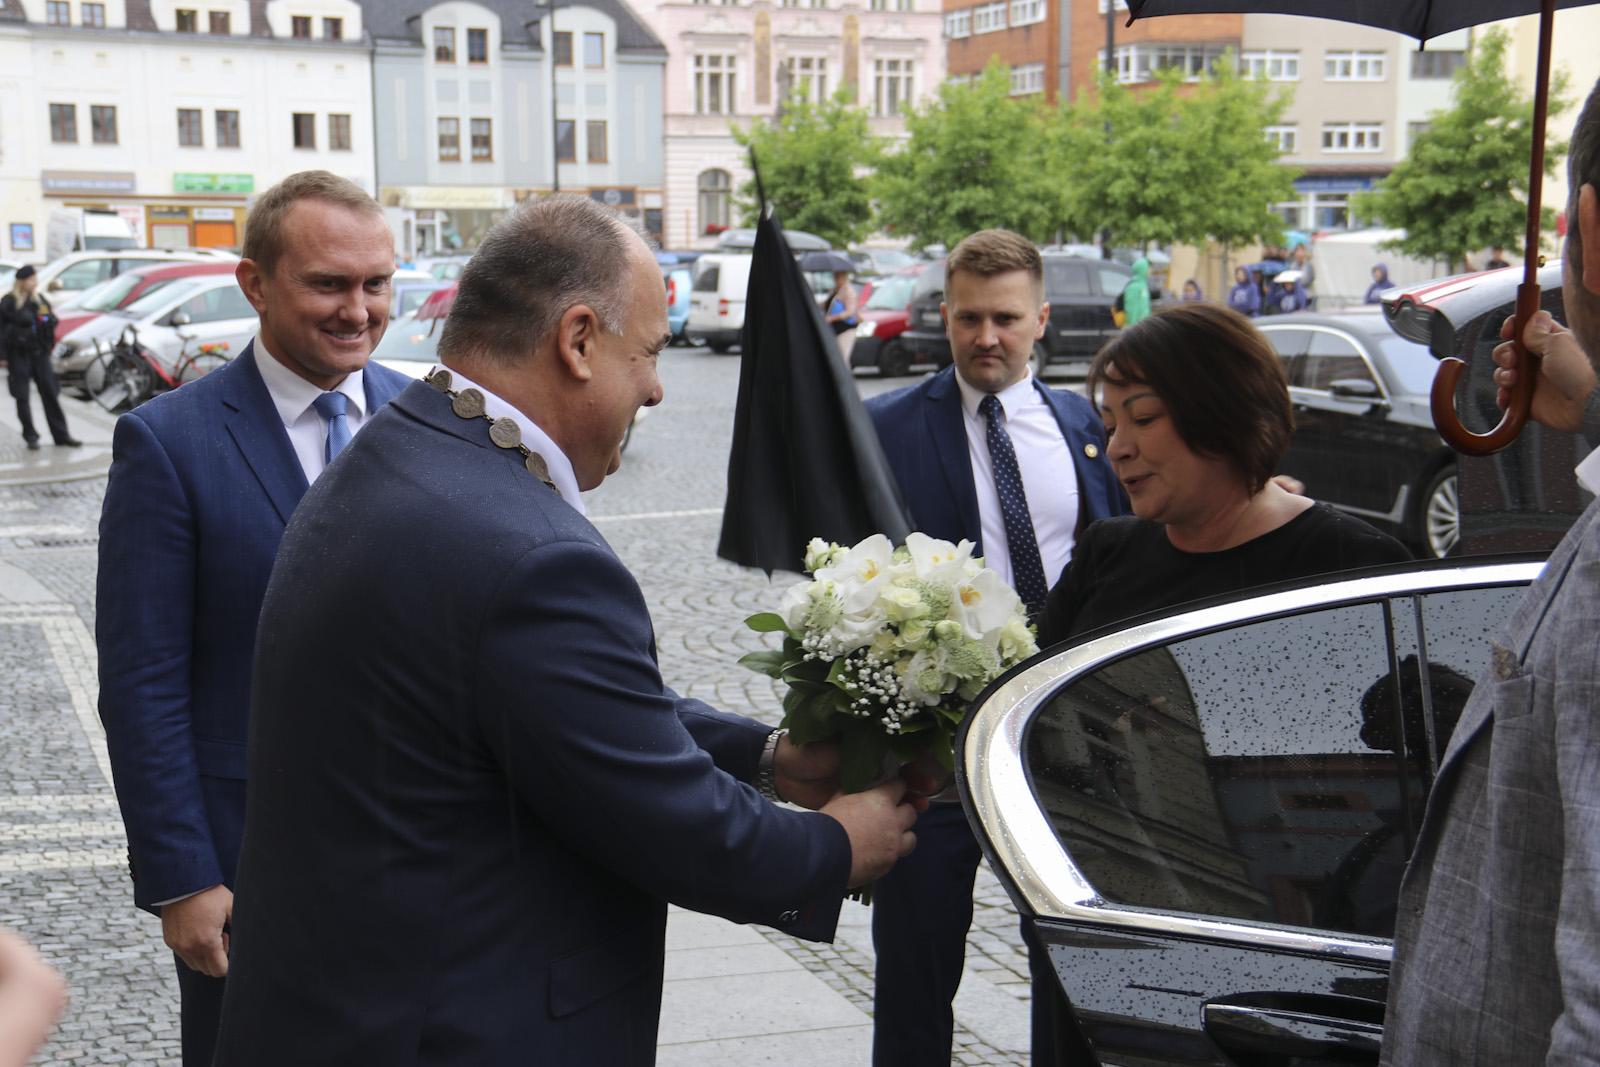 Fotogalerie z návštěvy manželky prezidenta republiky paní Ivany Zemanové a ministryně financí paní Aleny Schillerové